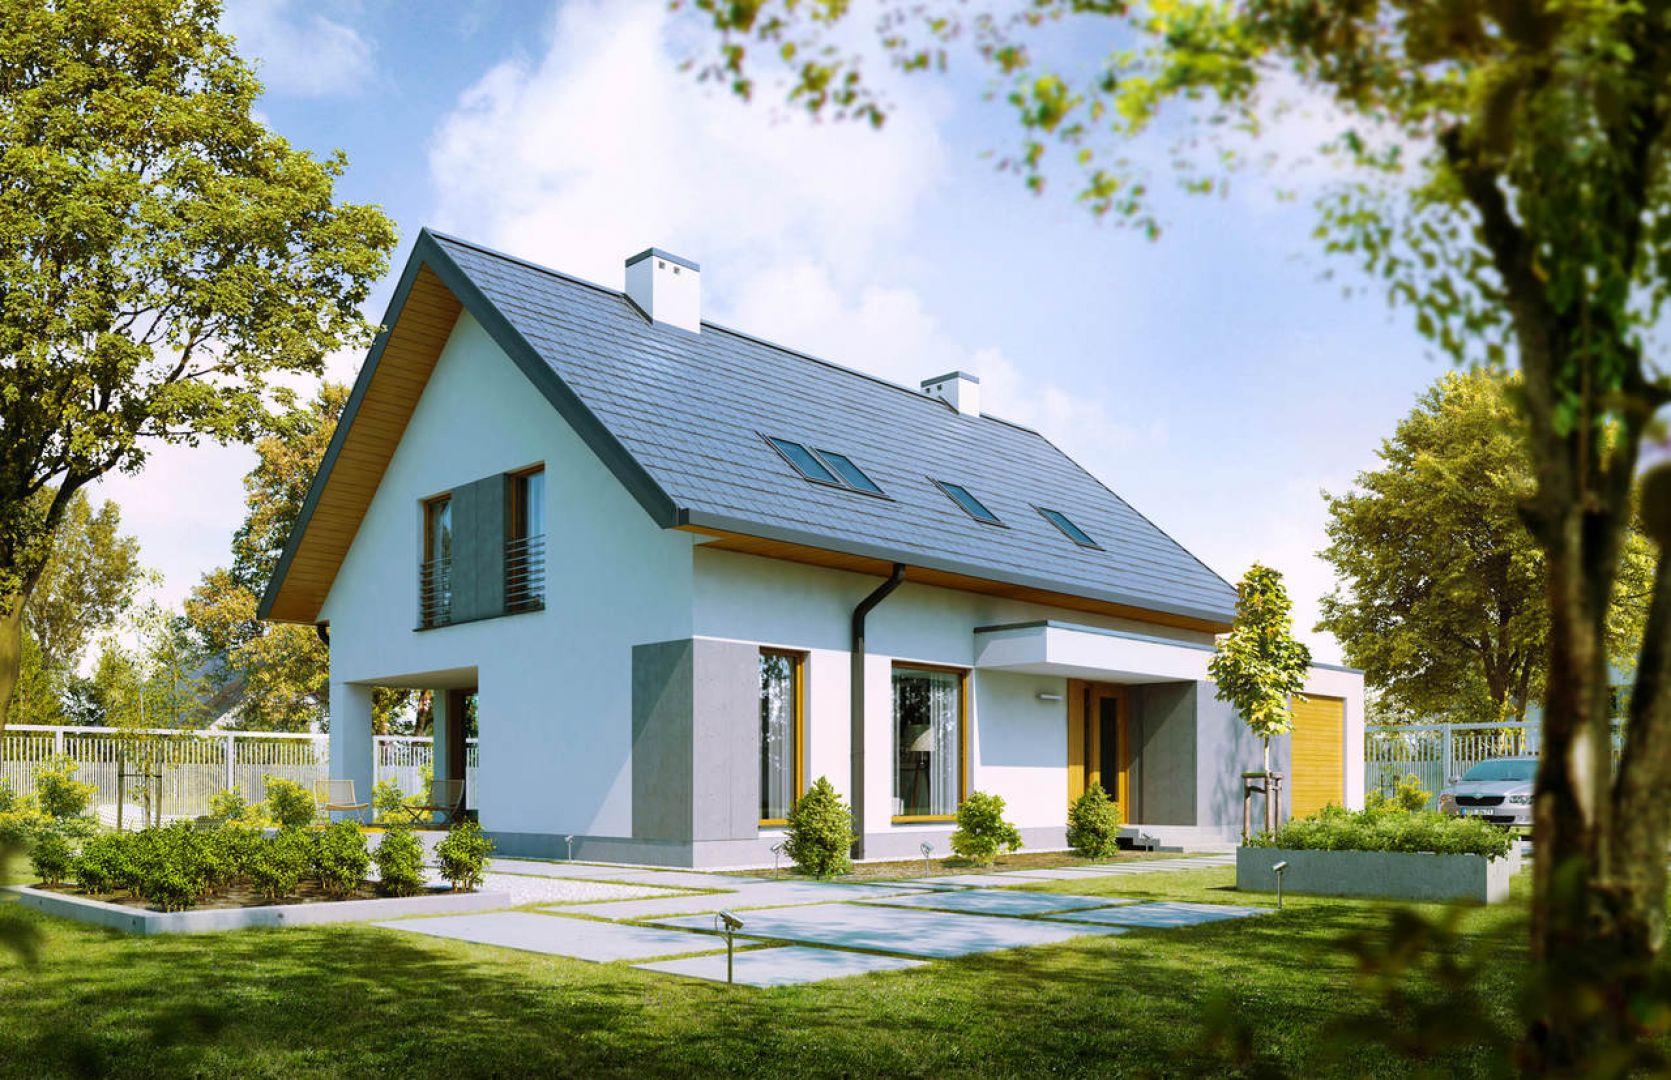 Wśród najpopularniejszych pokryć dachowych wymienić trzeba dachówkę ceramiczną oraz blachodachówkę. Ta ostatnia jest jednym z bardziej poszukiwanych materiałów pokryciowych na polskim rynku zarówno przez inwestorów, jak i dekarzy. Fot. galeco